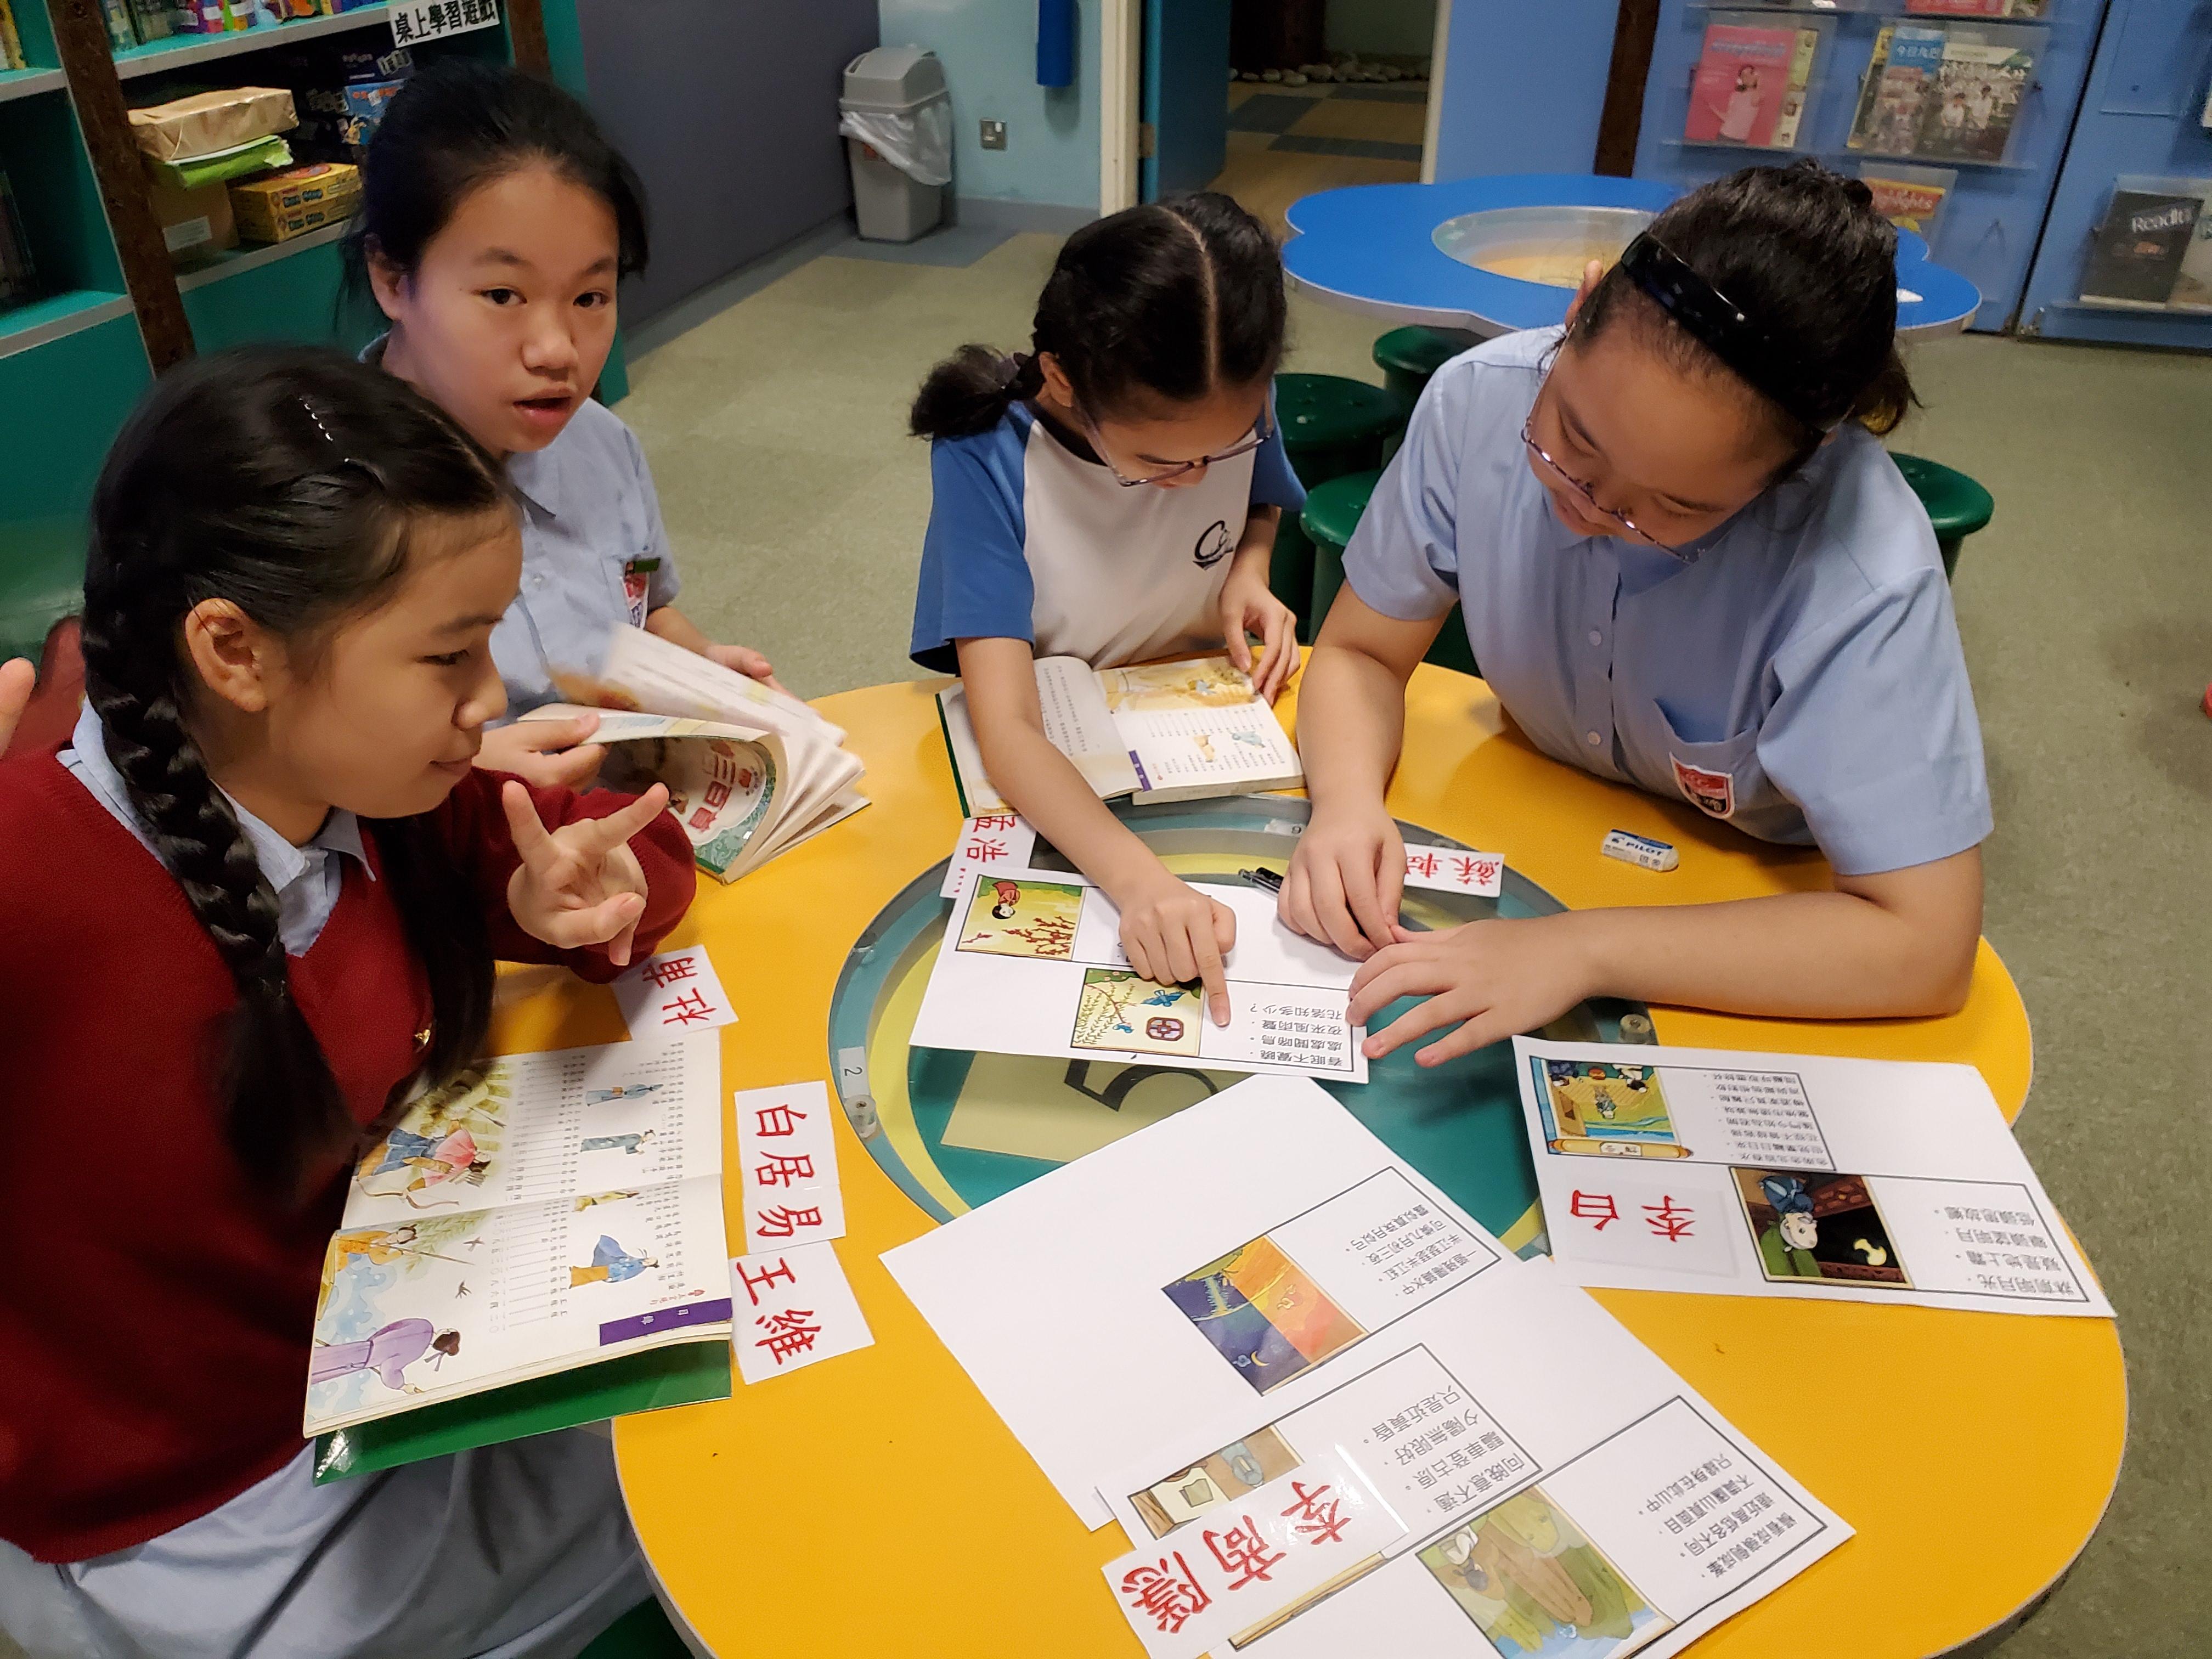 http://www.keiwan.edu.hk/sites/default/files/20191021_105427.jpg